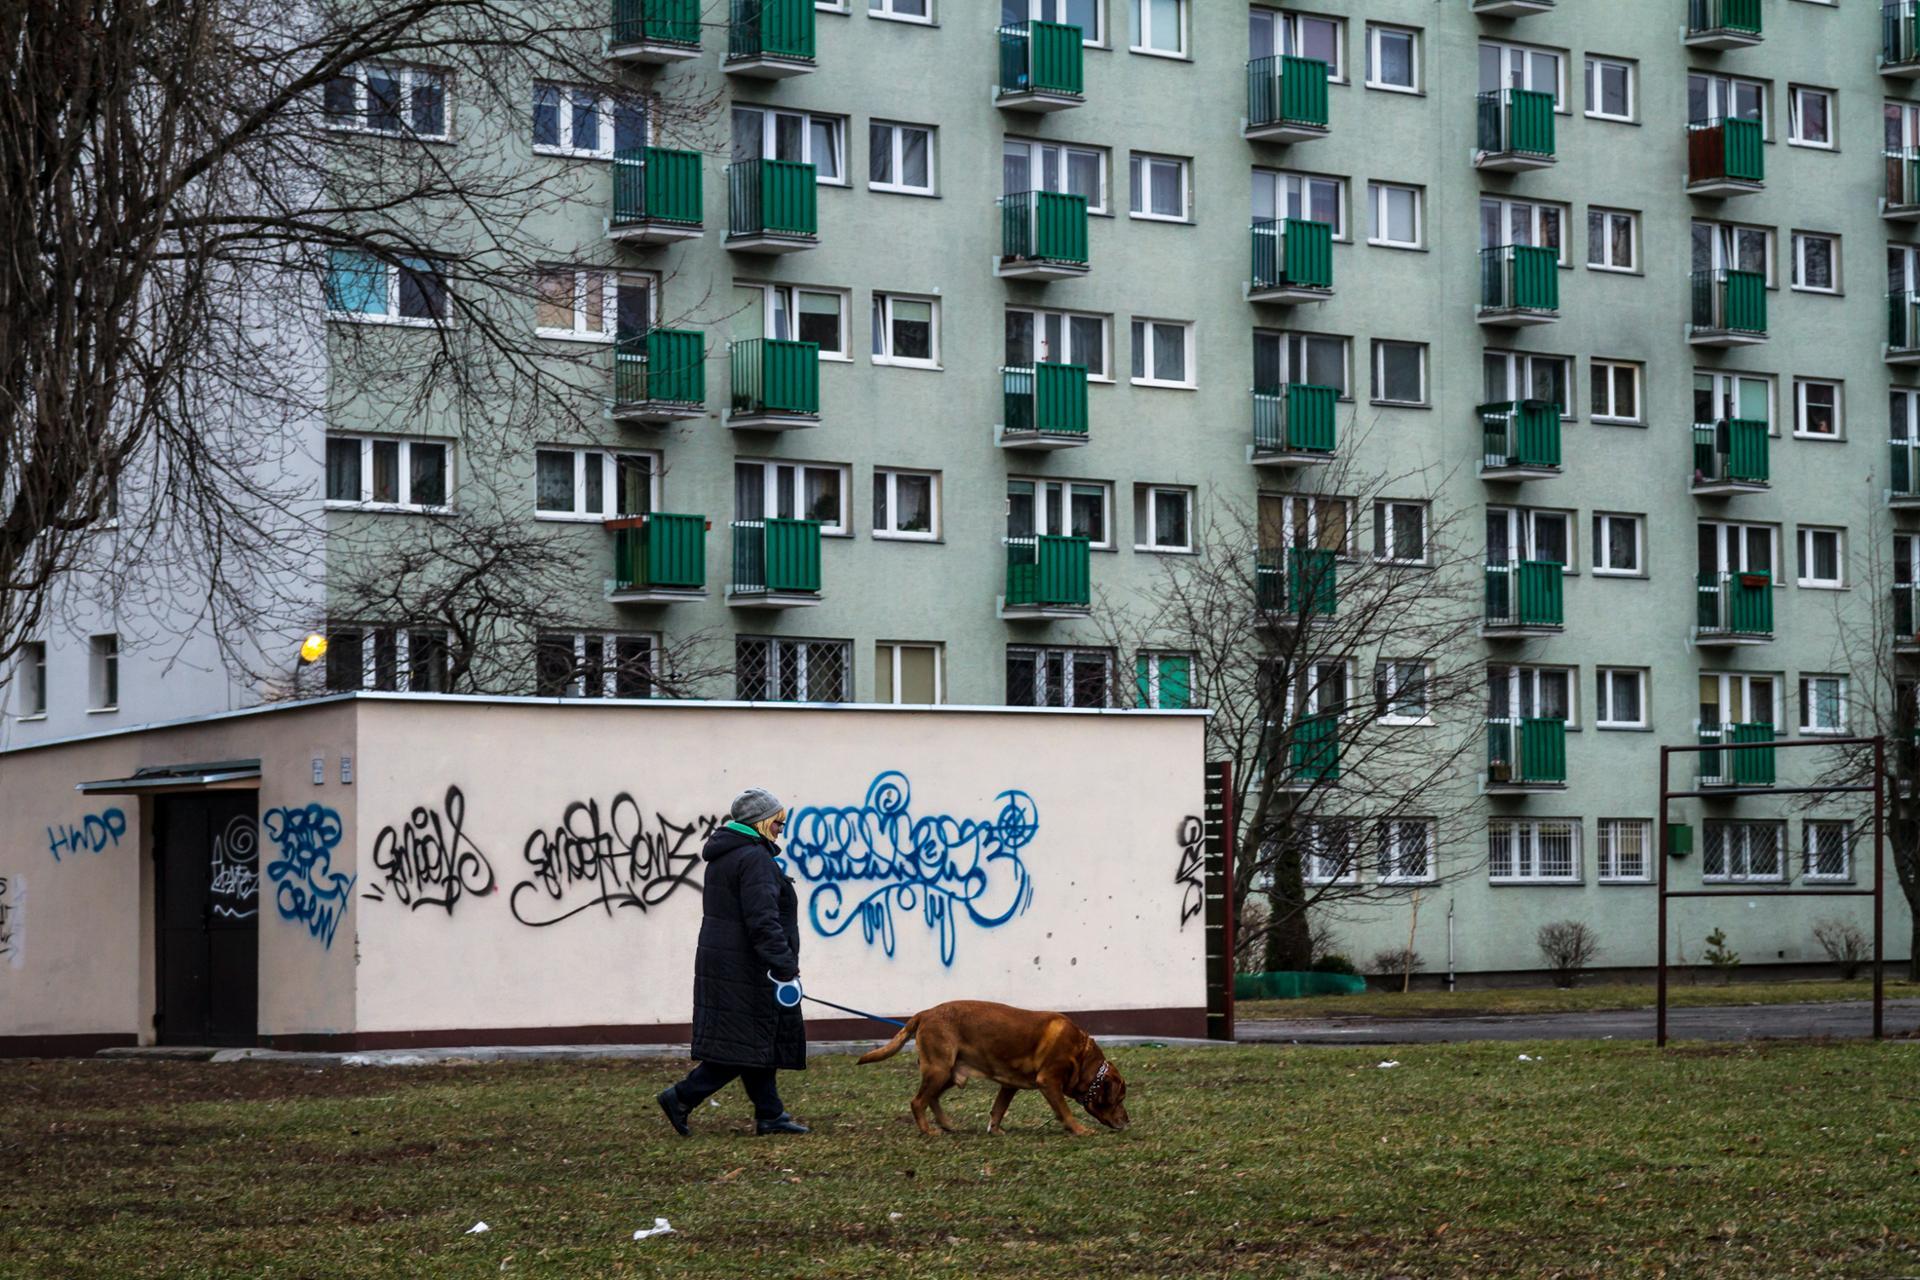 Communist housings